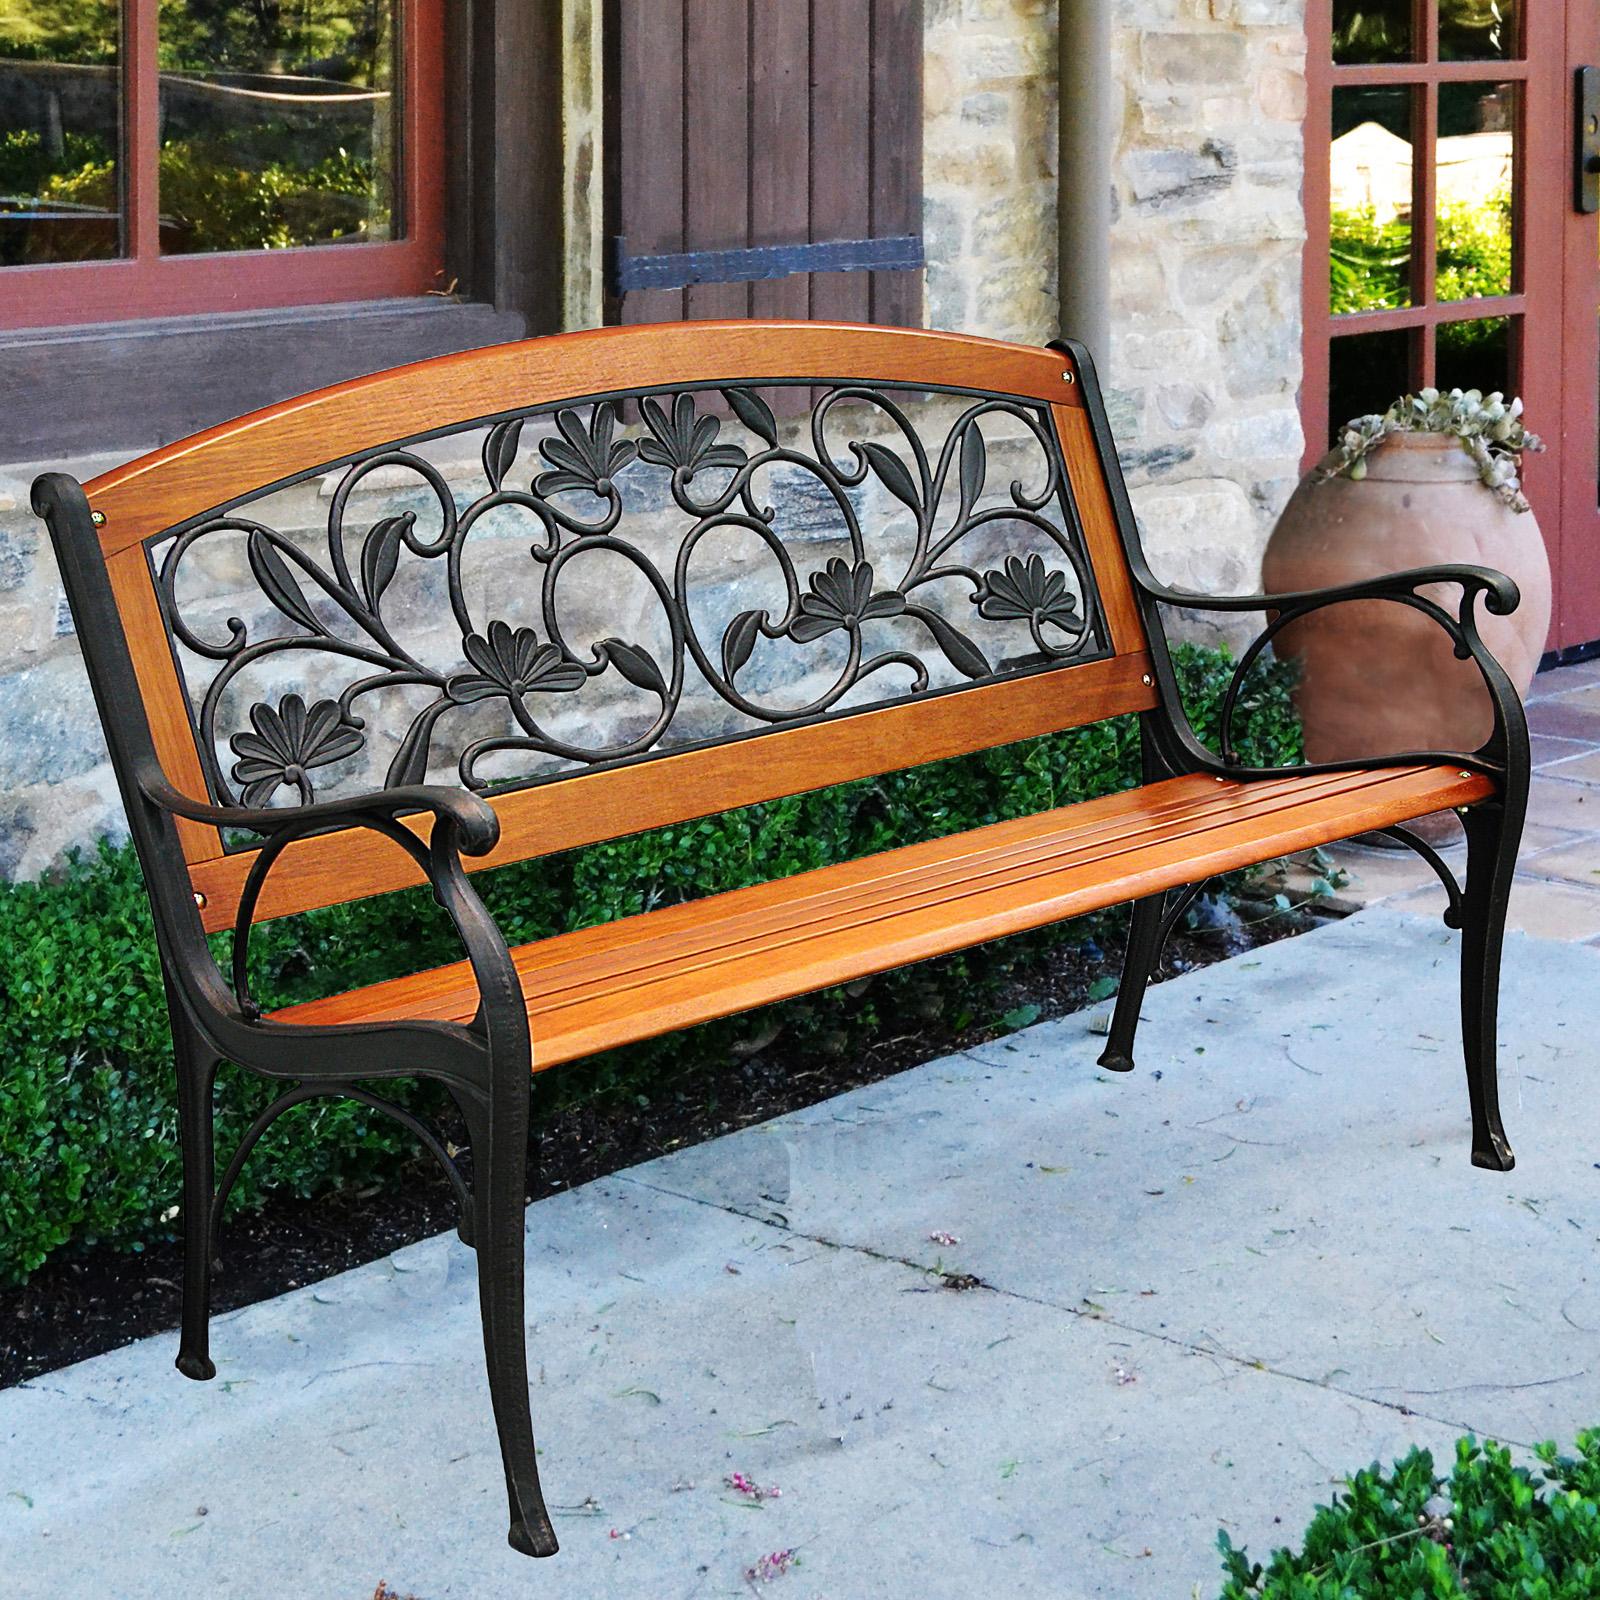 Innova C13762 Cast Iron Hardwood Garden Leaves Park Bench, Copper Rust